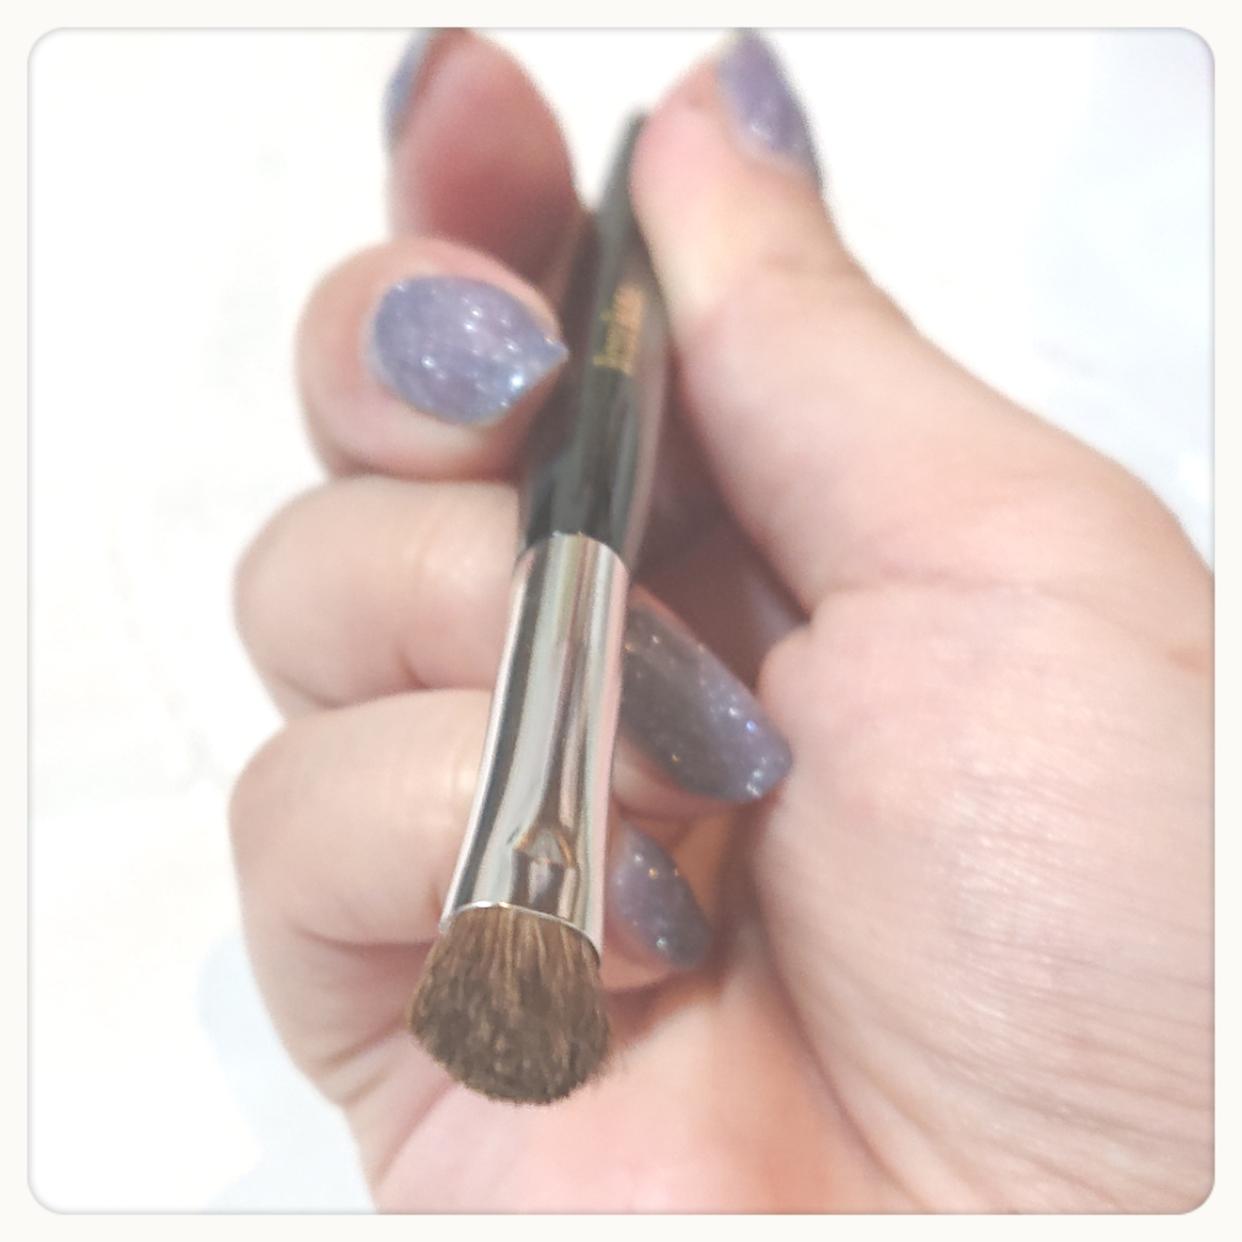 ROSY ROSA(ロージーローザ)熊野筆 アイシャドウ用 Sを使ったnakoさんのクチコミ画像5